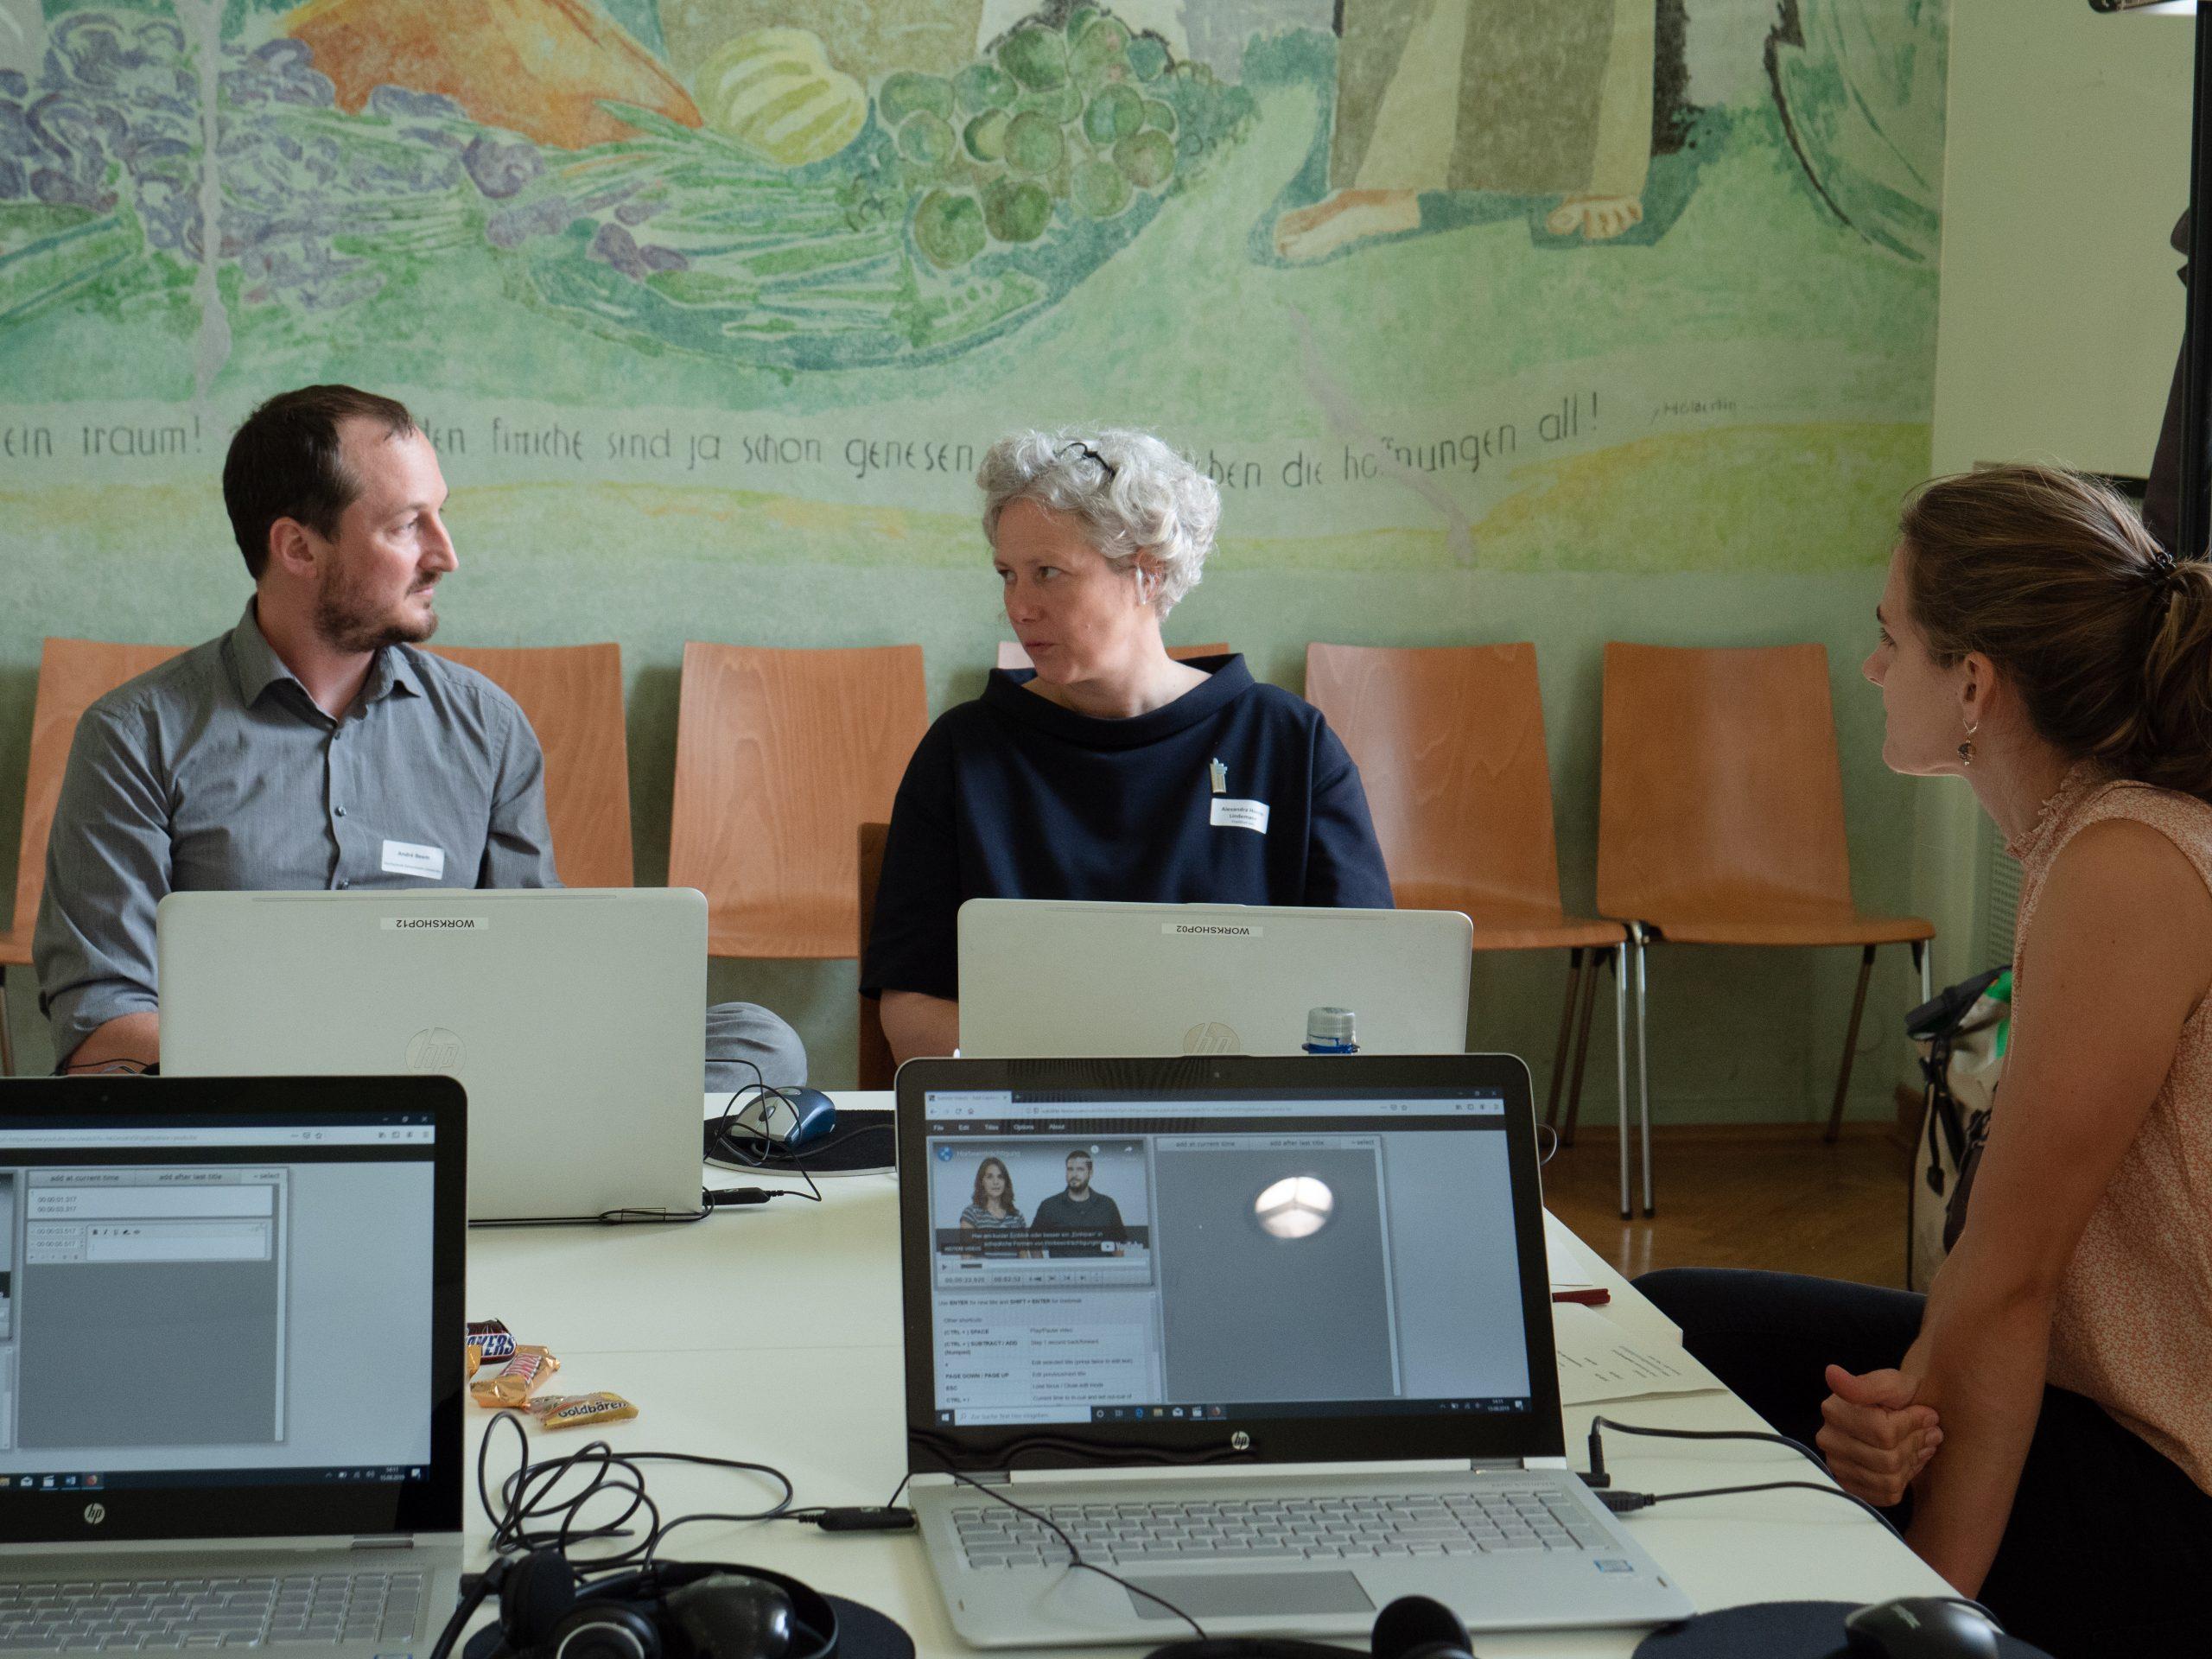 Teilnehmende unterhalten sich an den Workshop-Arbeitsplätzen.